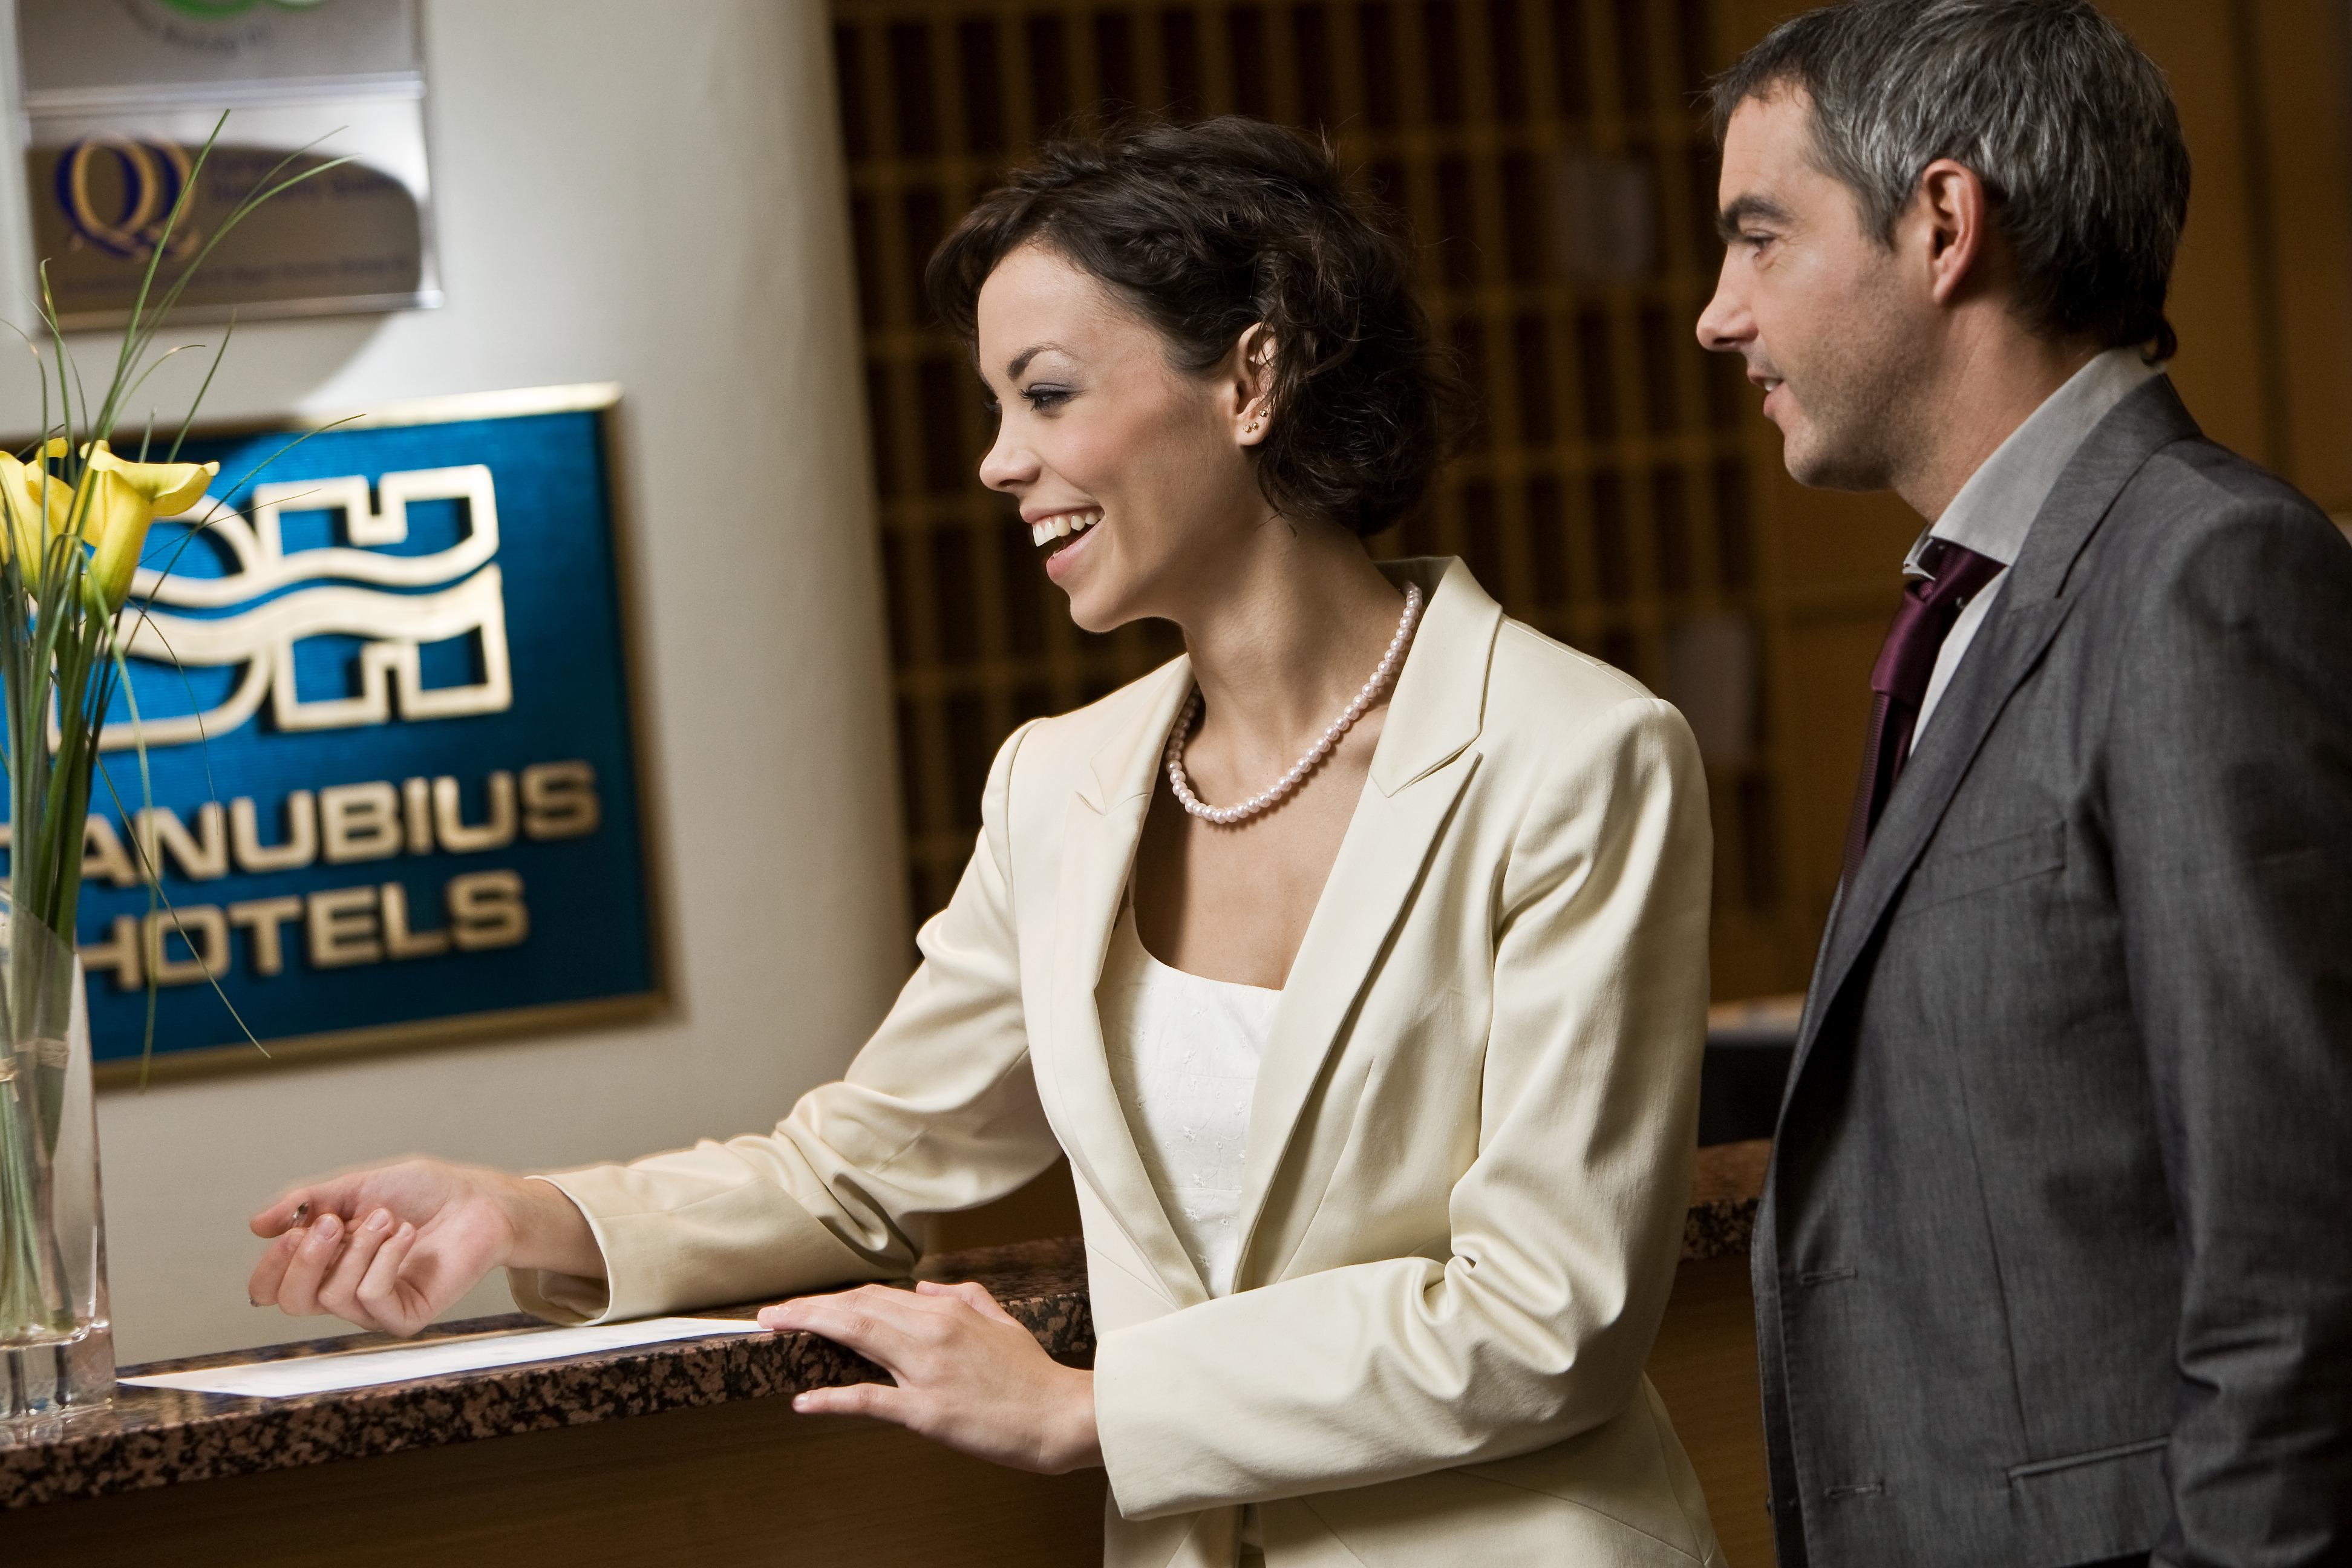 Danubius Hotels recepció